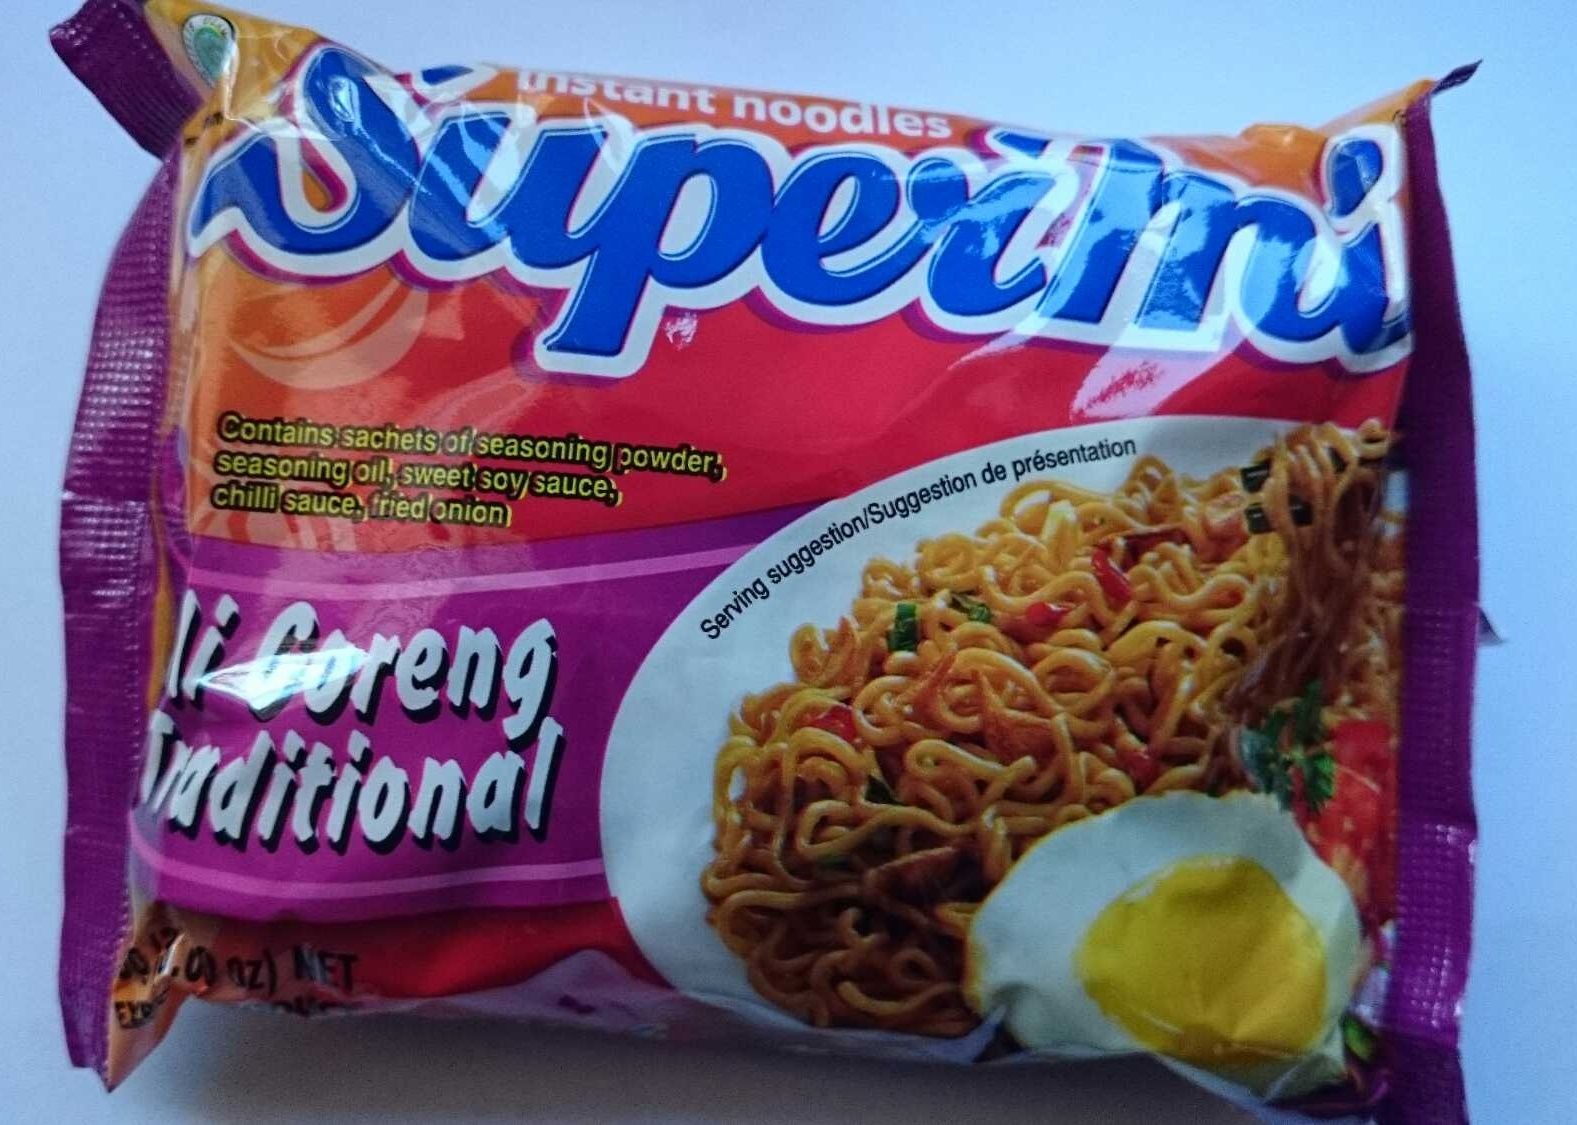 Supermi Mi goreng Traditional Instant Noodles - Product - en